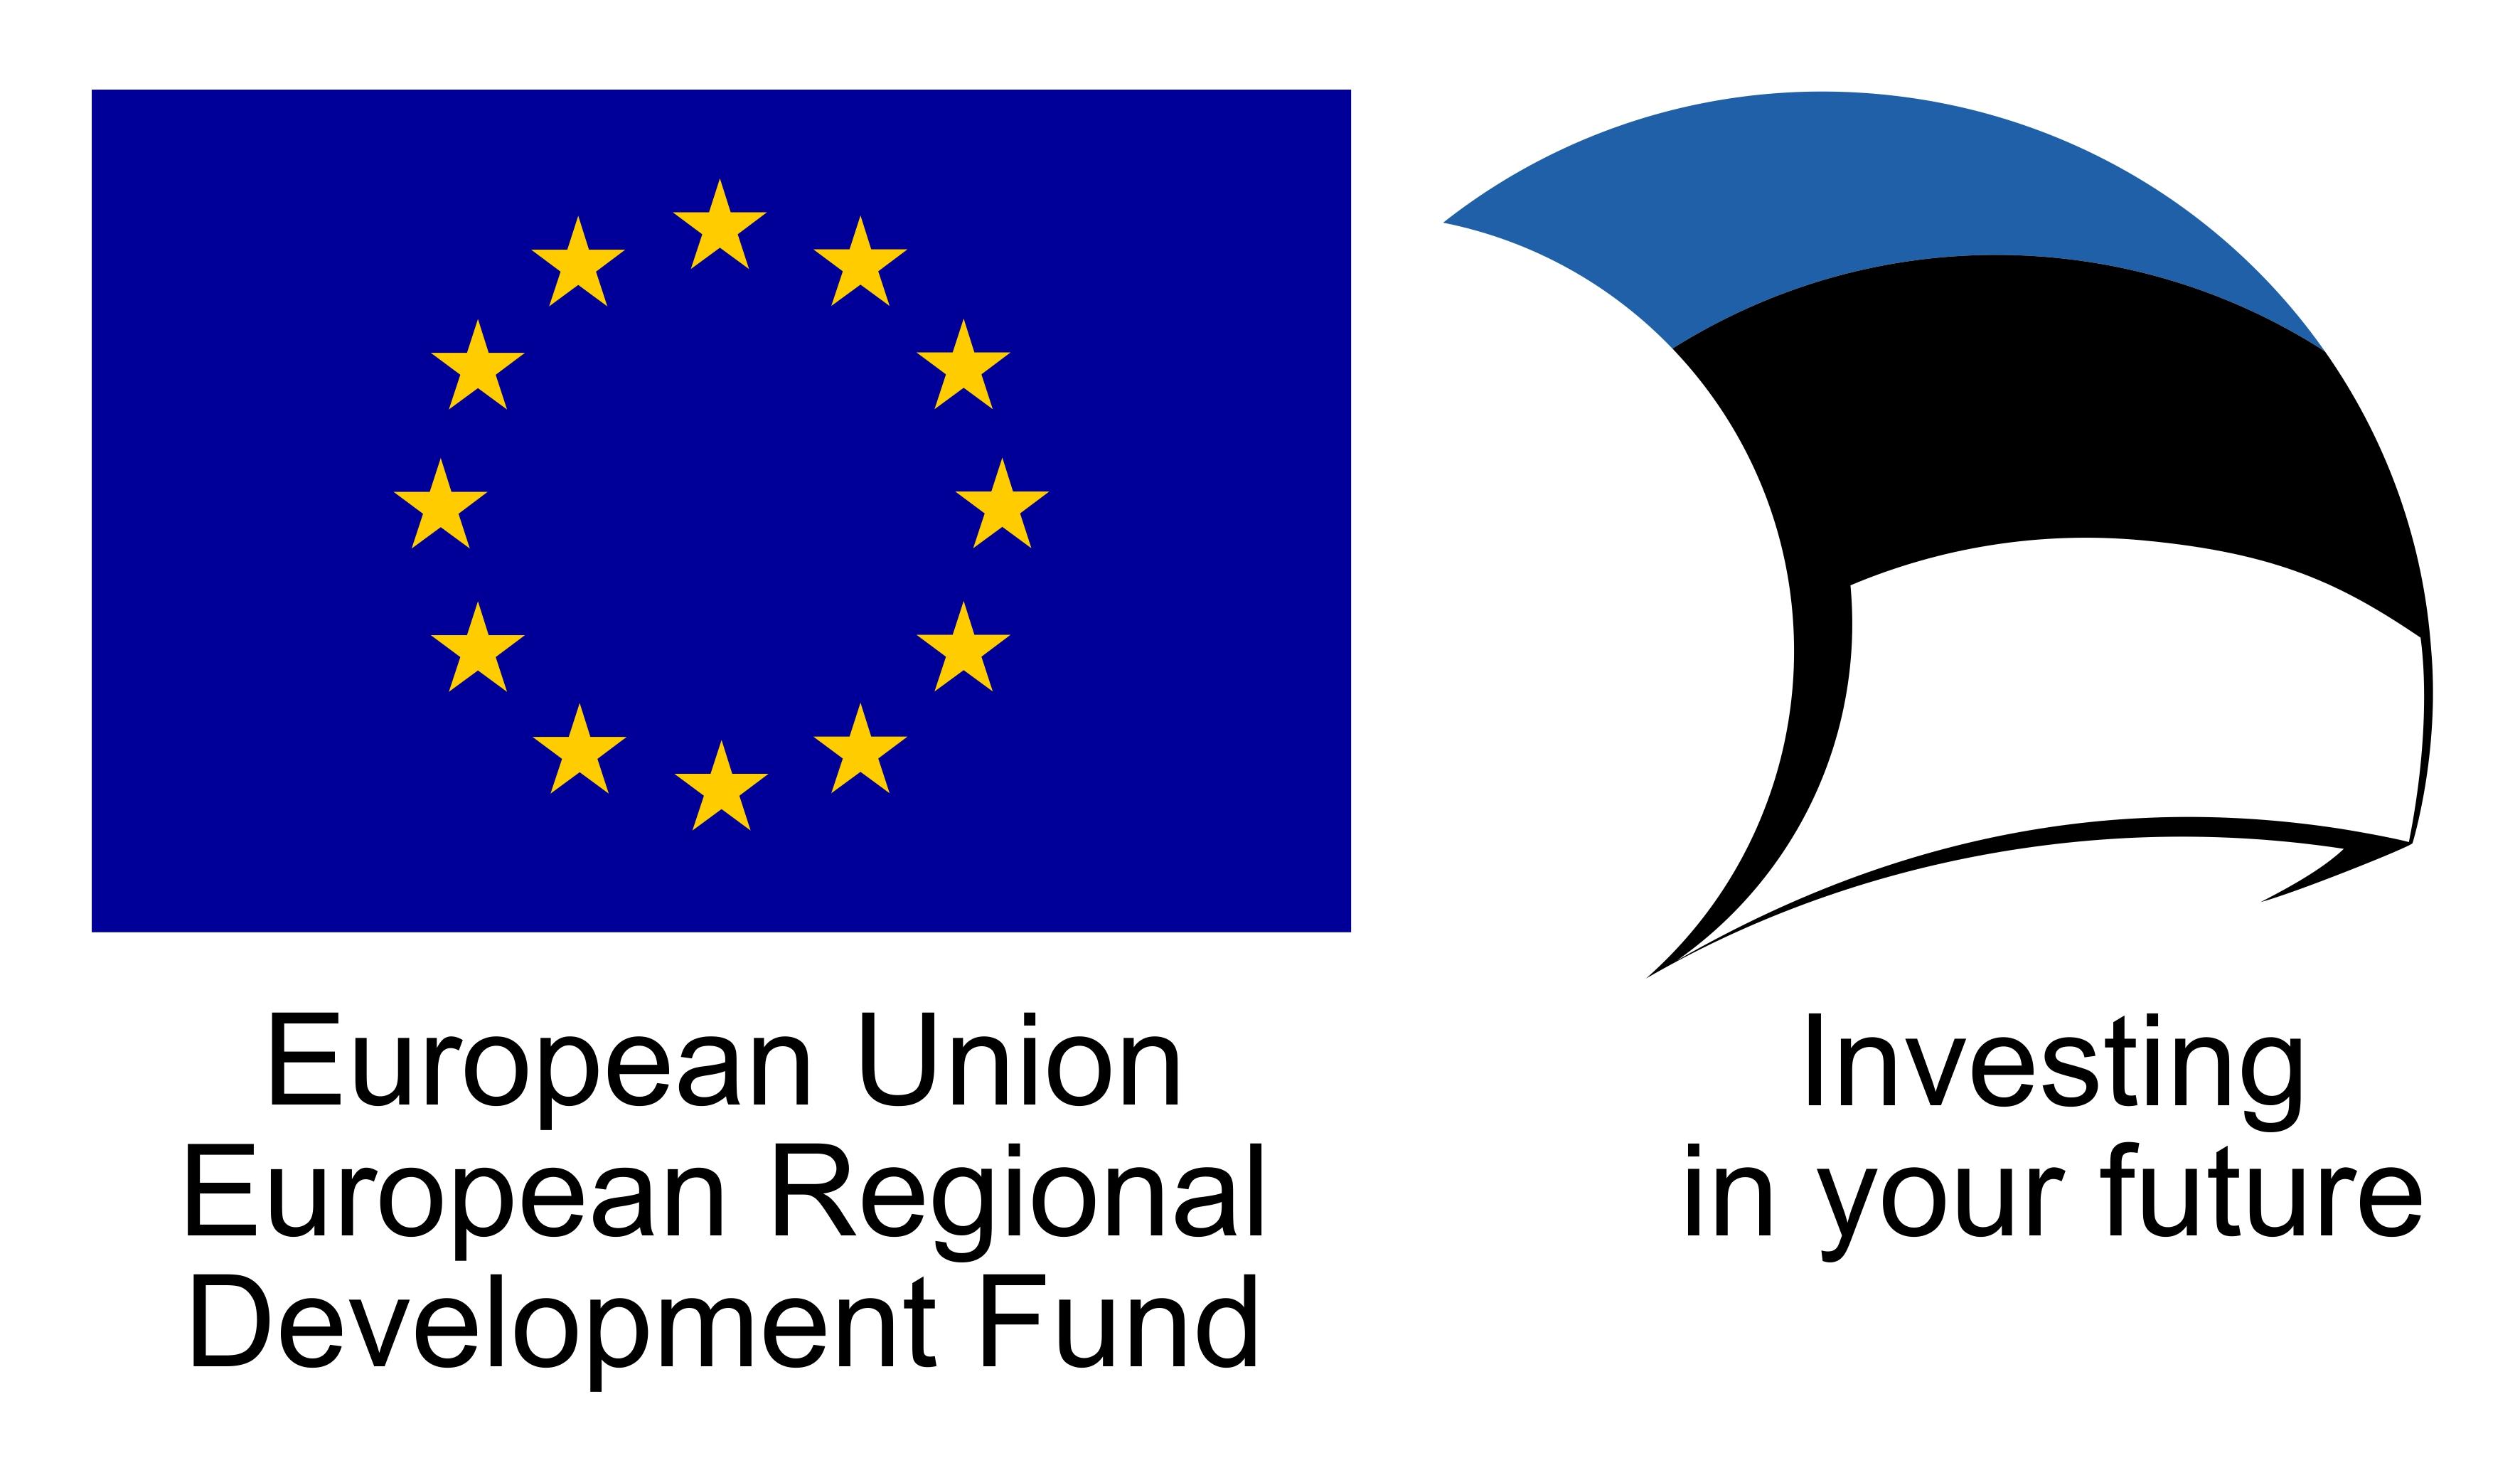 EU_Regional_Development_Fund_horizontalII